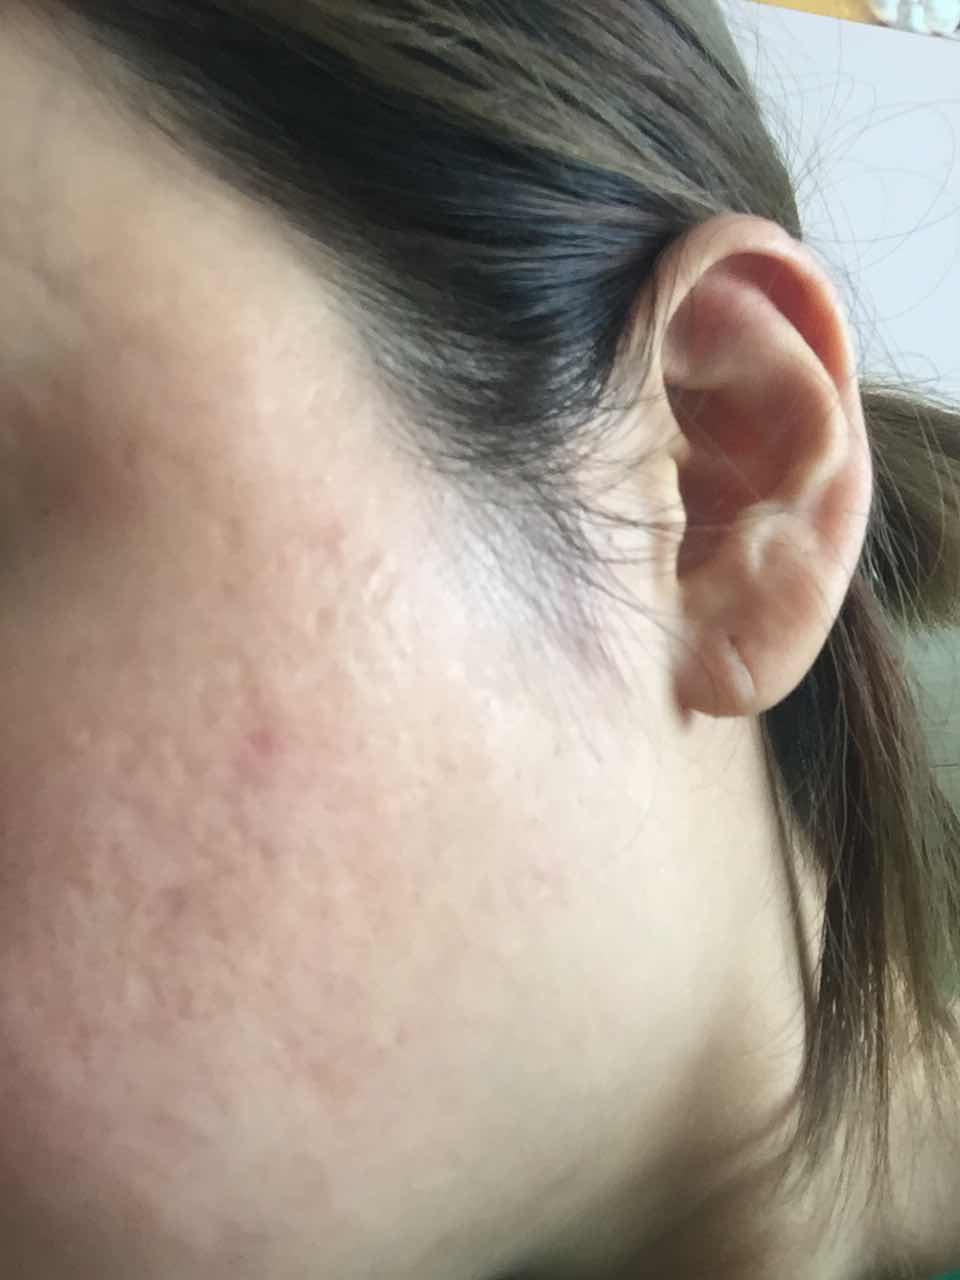 韩国皮肤管理怎么样的,多年痘坑痘疤 做过激光 微针 改善都不大 敏感肌 求推荐韩国专业皮肤医院 做广告的不要进 真心有实力的皮肤医院来